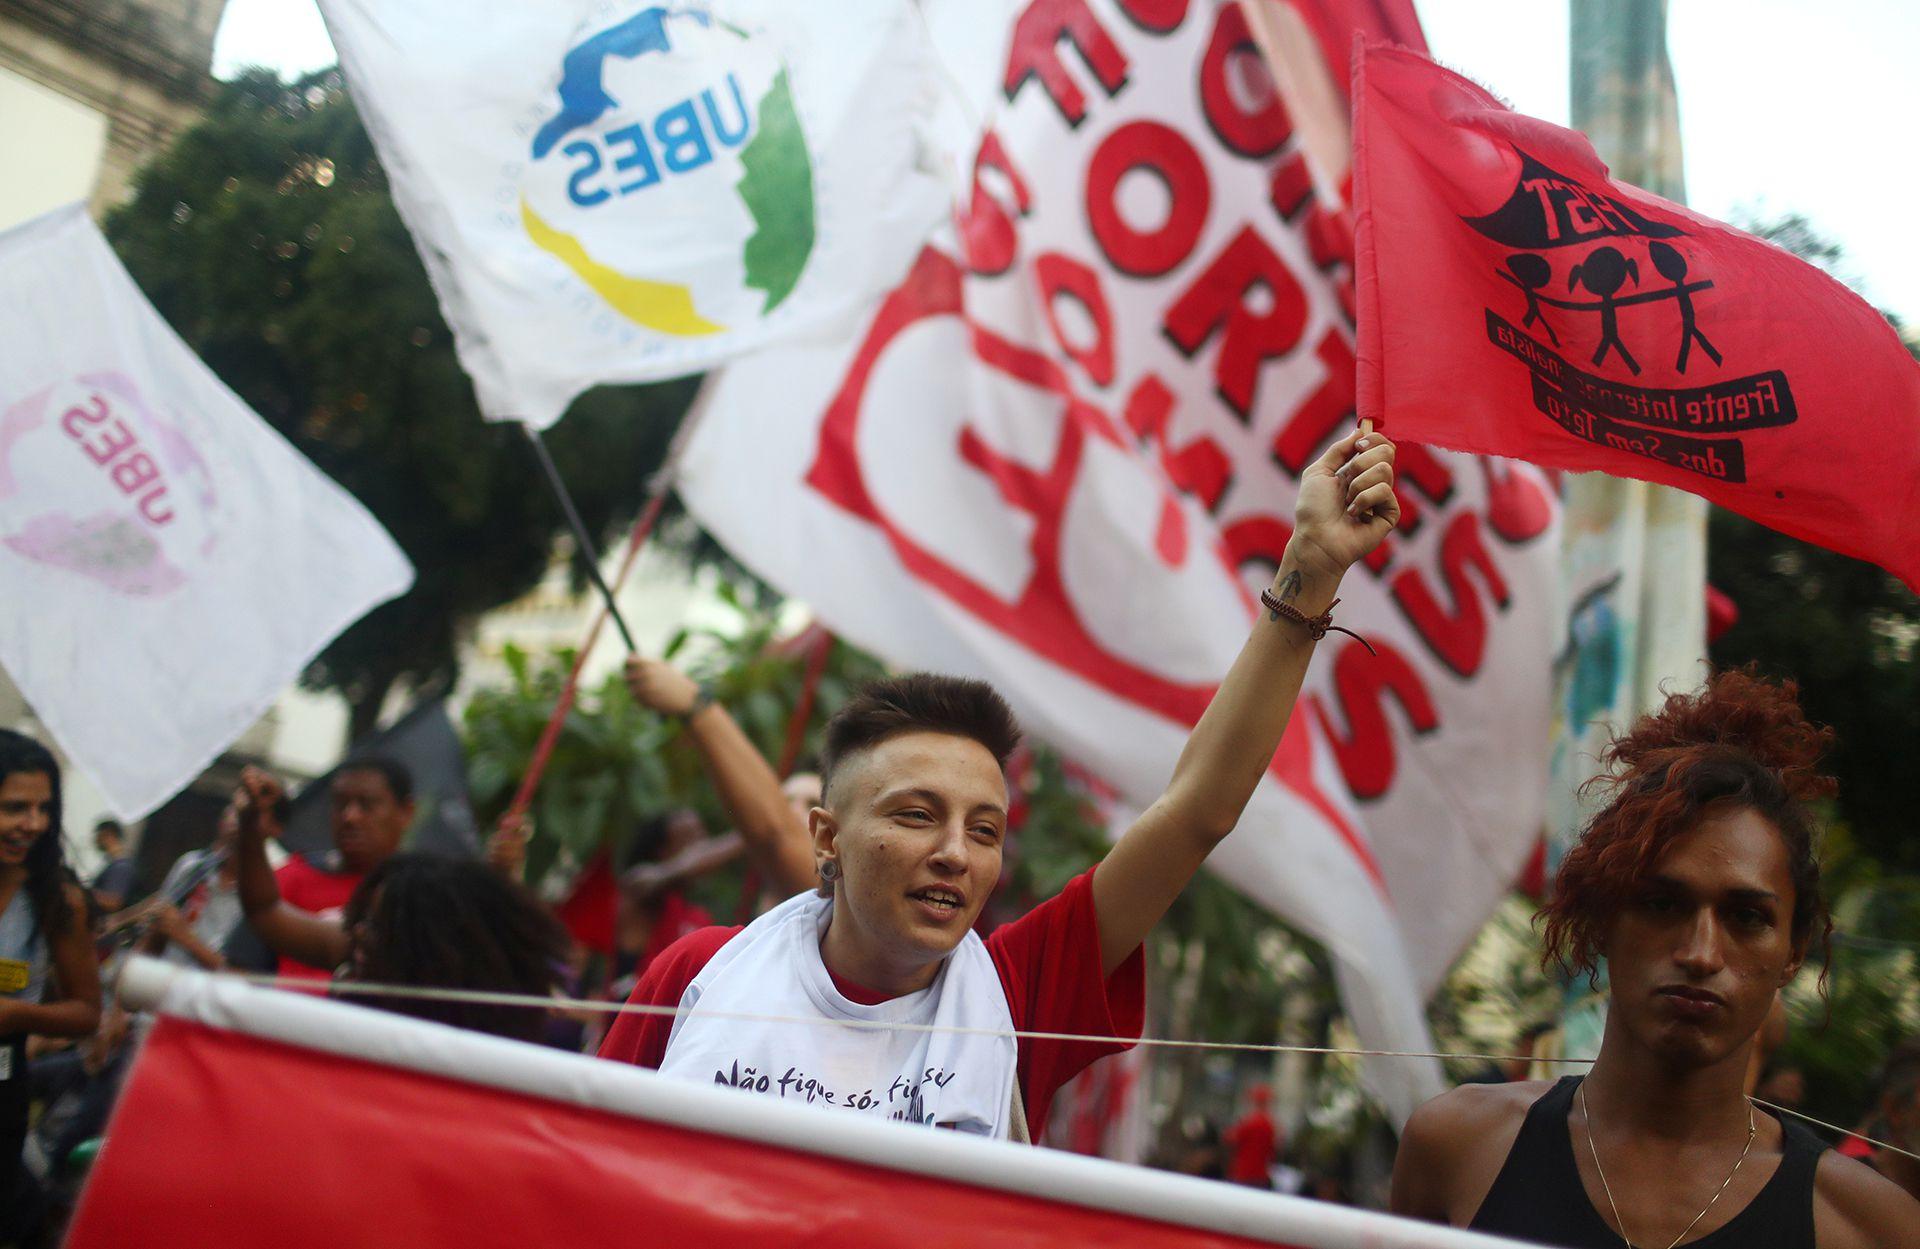 Miles de personas se manifestaron en las calles de Brasil en el marco del paro general(REUTERS/Pilar Olivares)